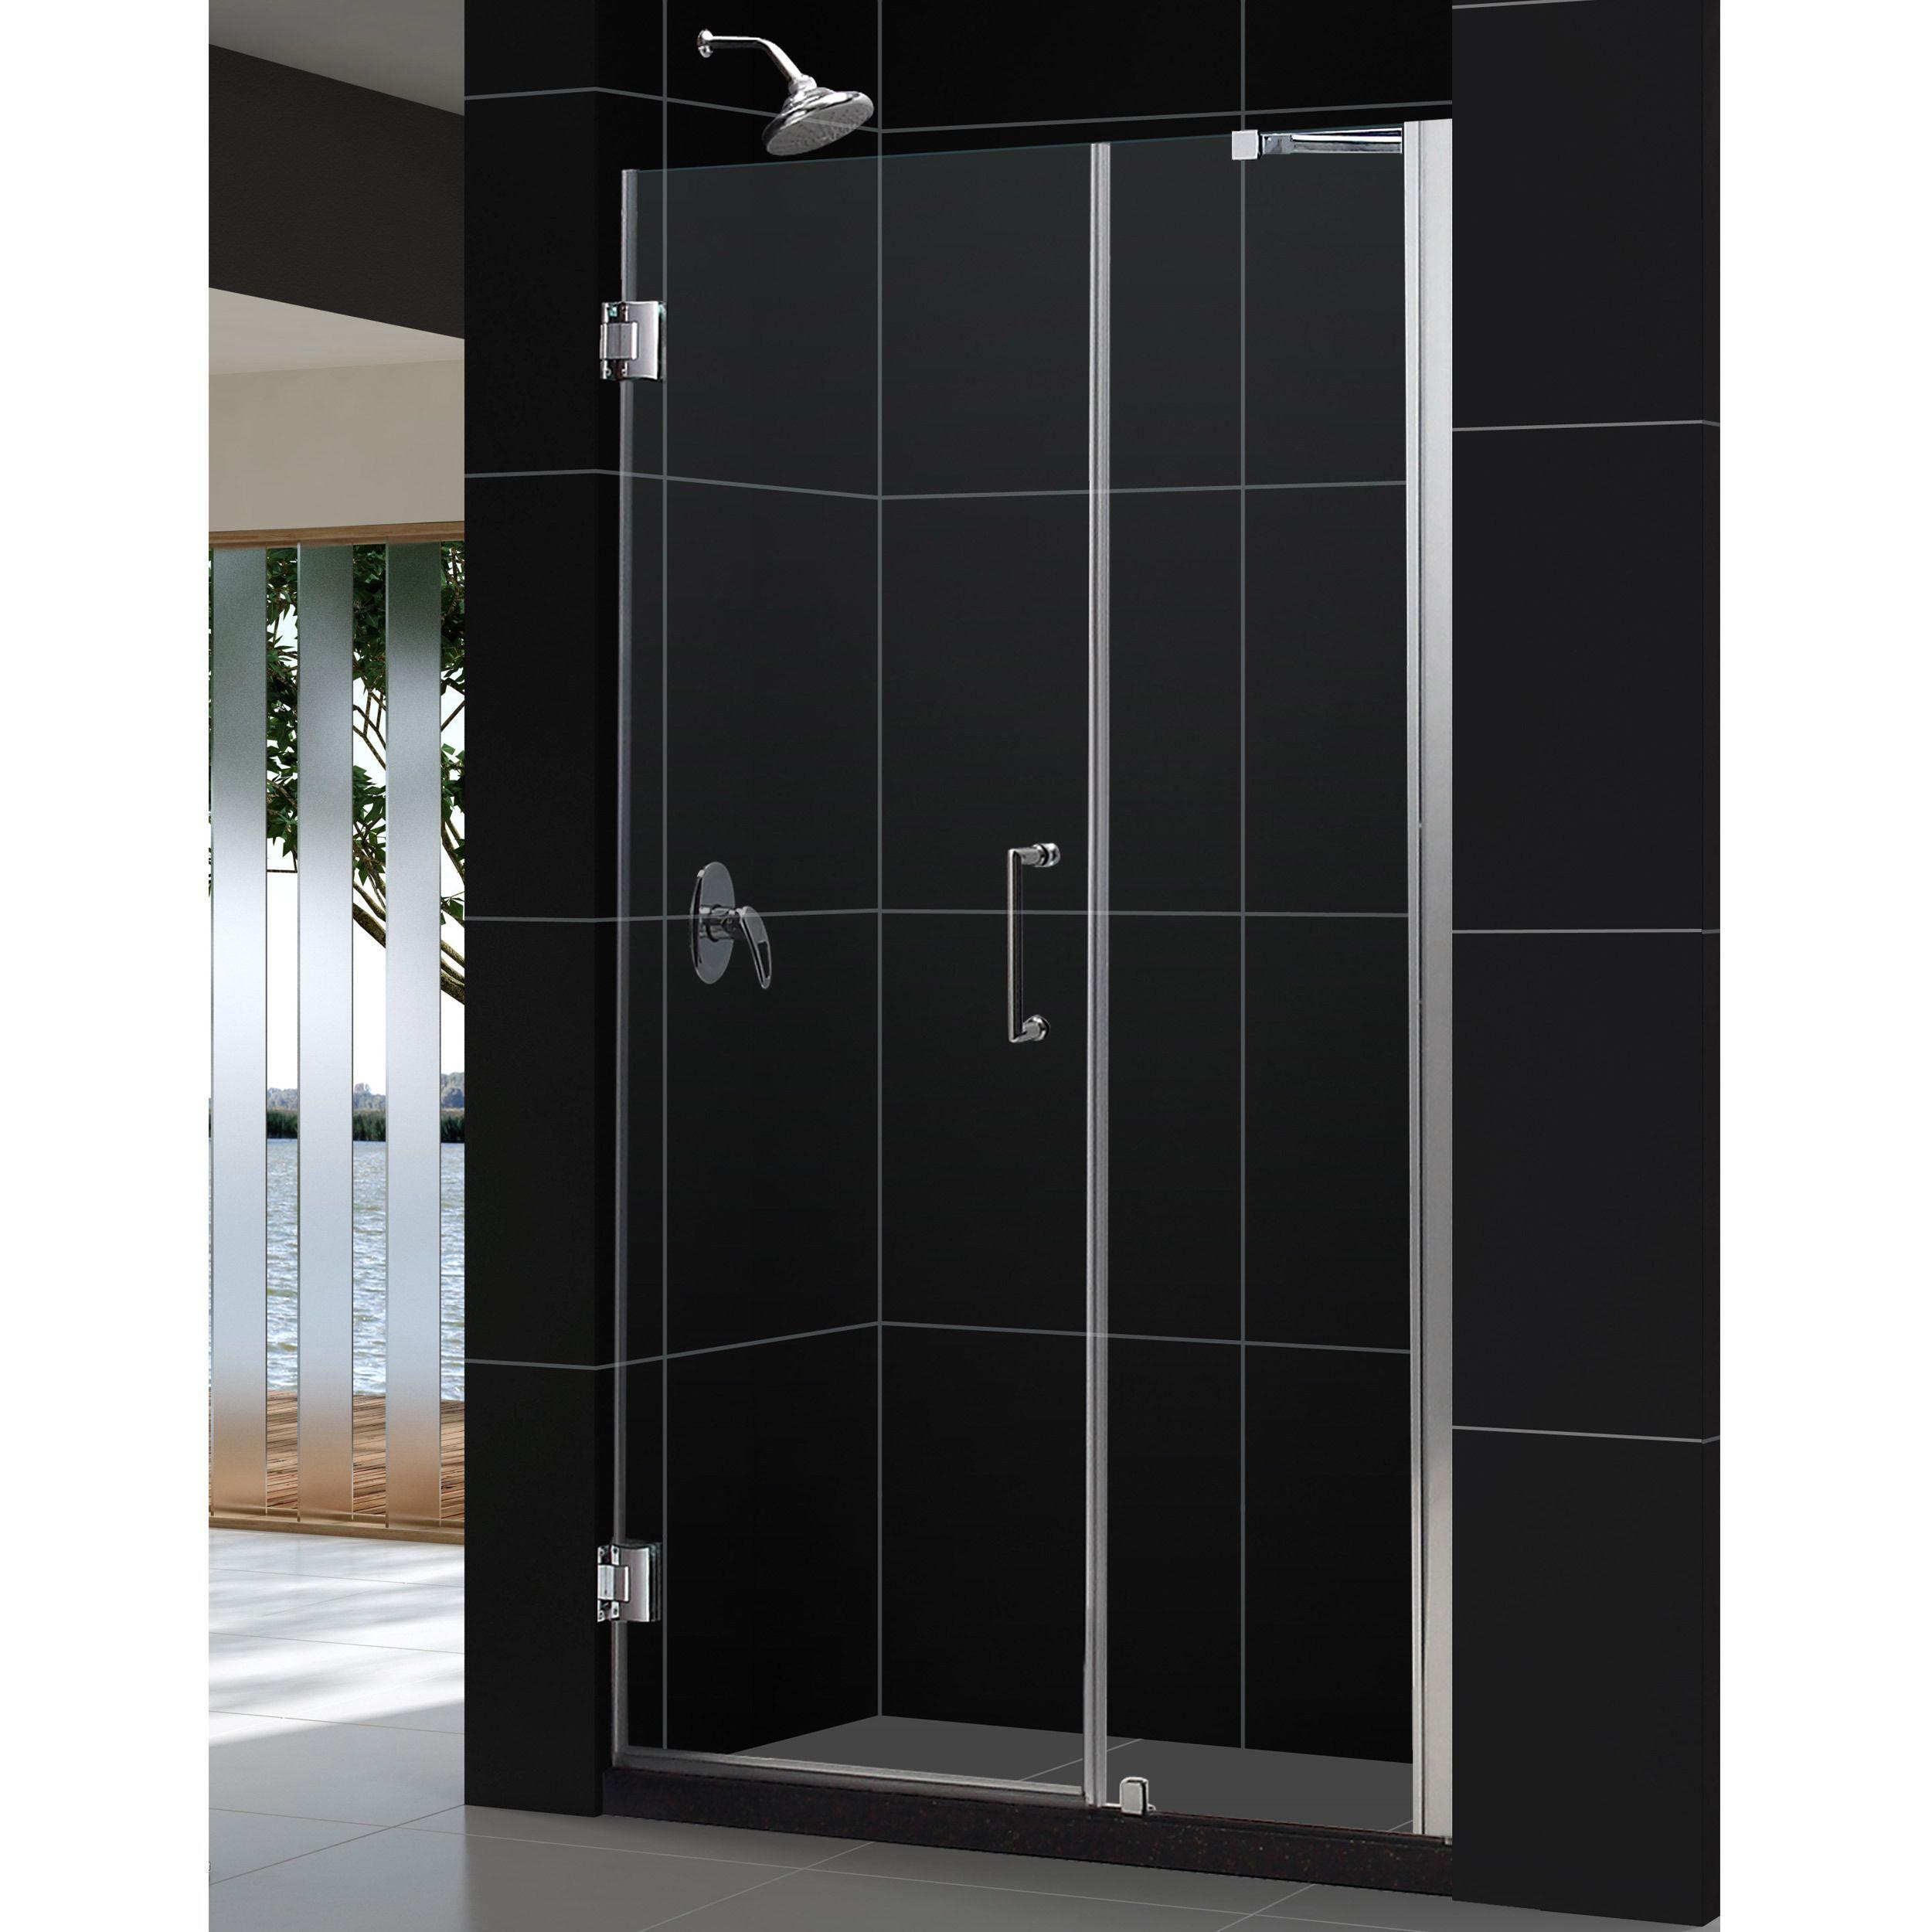 Dreamline Unidoor 45 49x72 Inch Frameless Hinged Shower Door 48 49